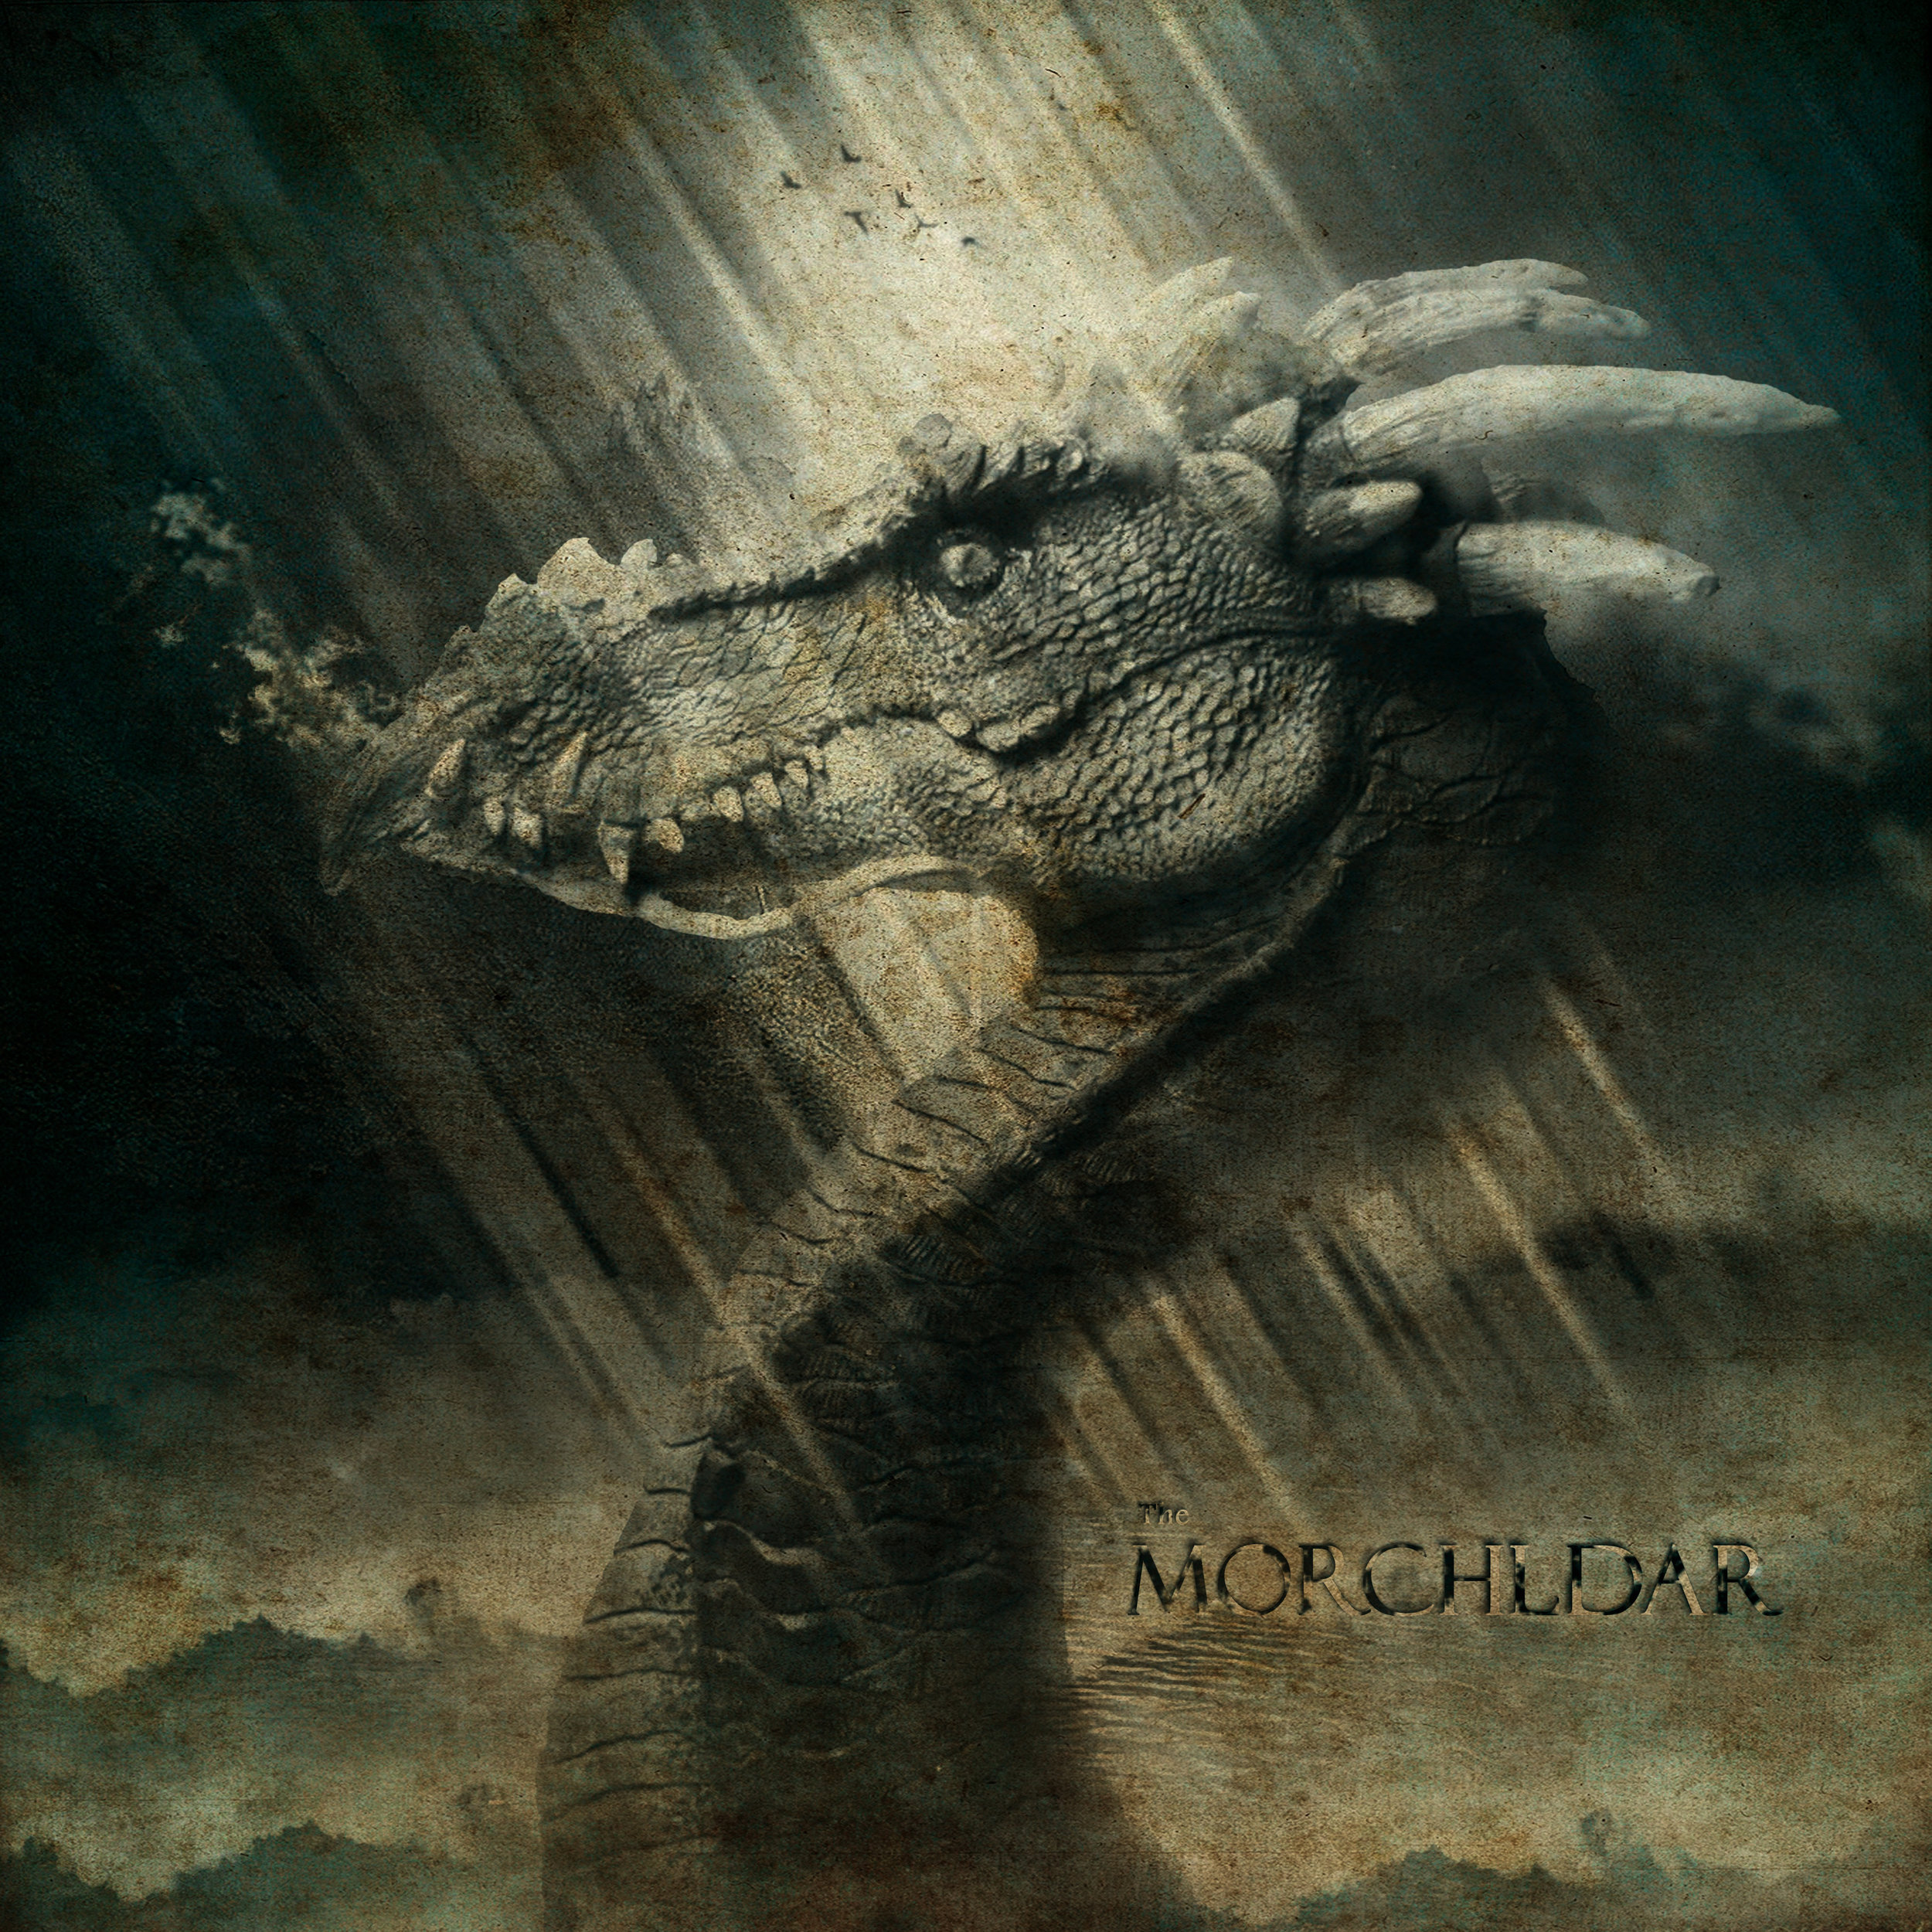 MFDragon from Morchldar.jpg